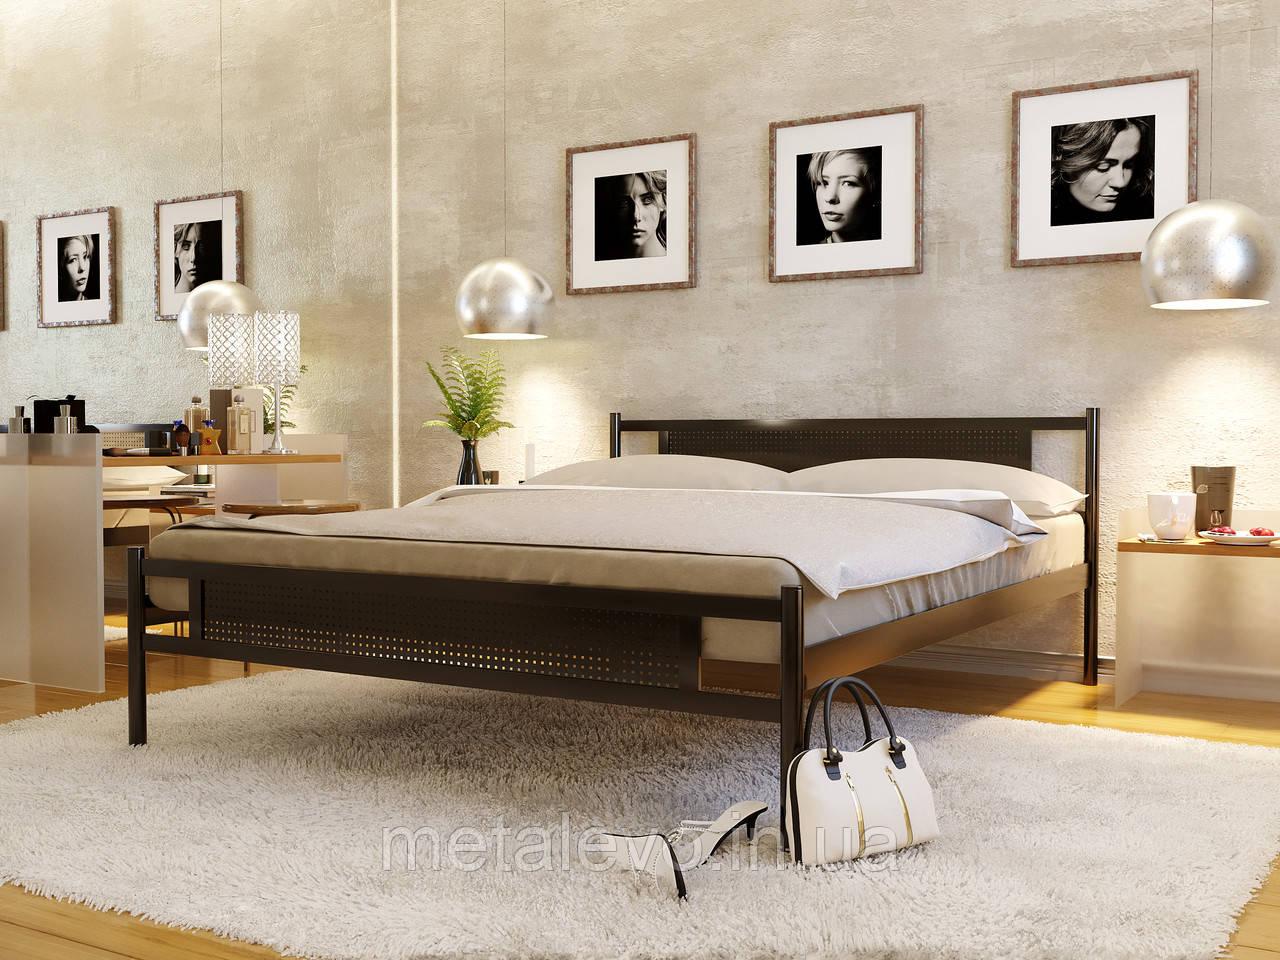 Кровать металлическая с изножьем ФЛАЙ НЬЮ-2 (FLY NEW-2)  ТМ Метакам